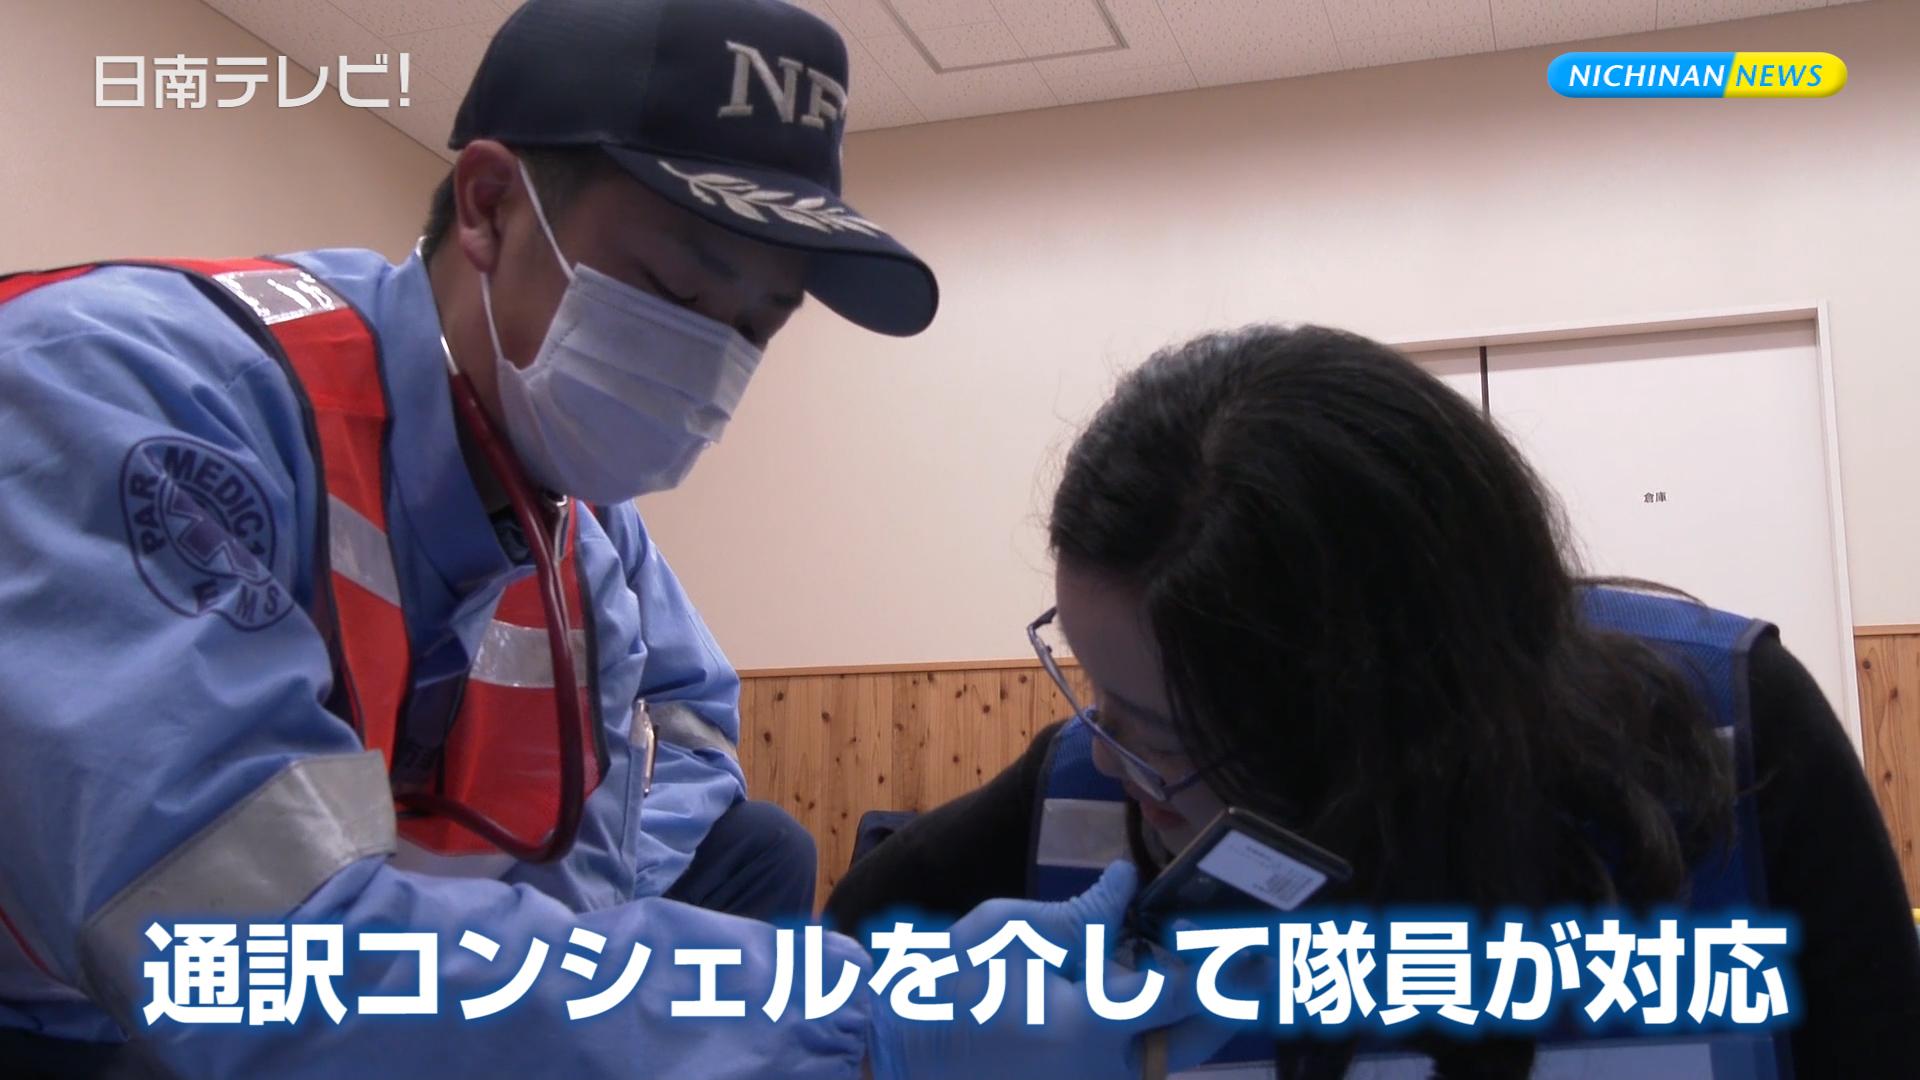 消防隊員が外国人対応救急シミュレーション